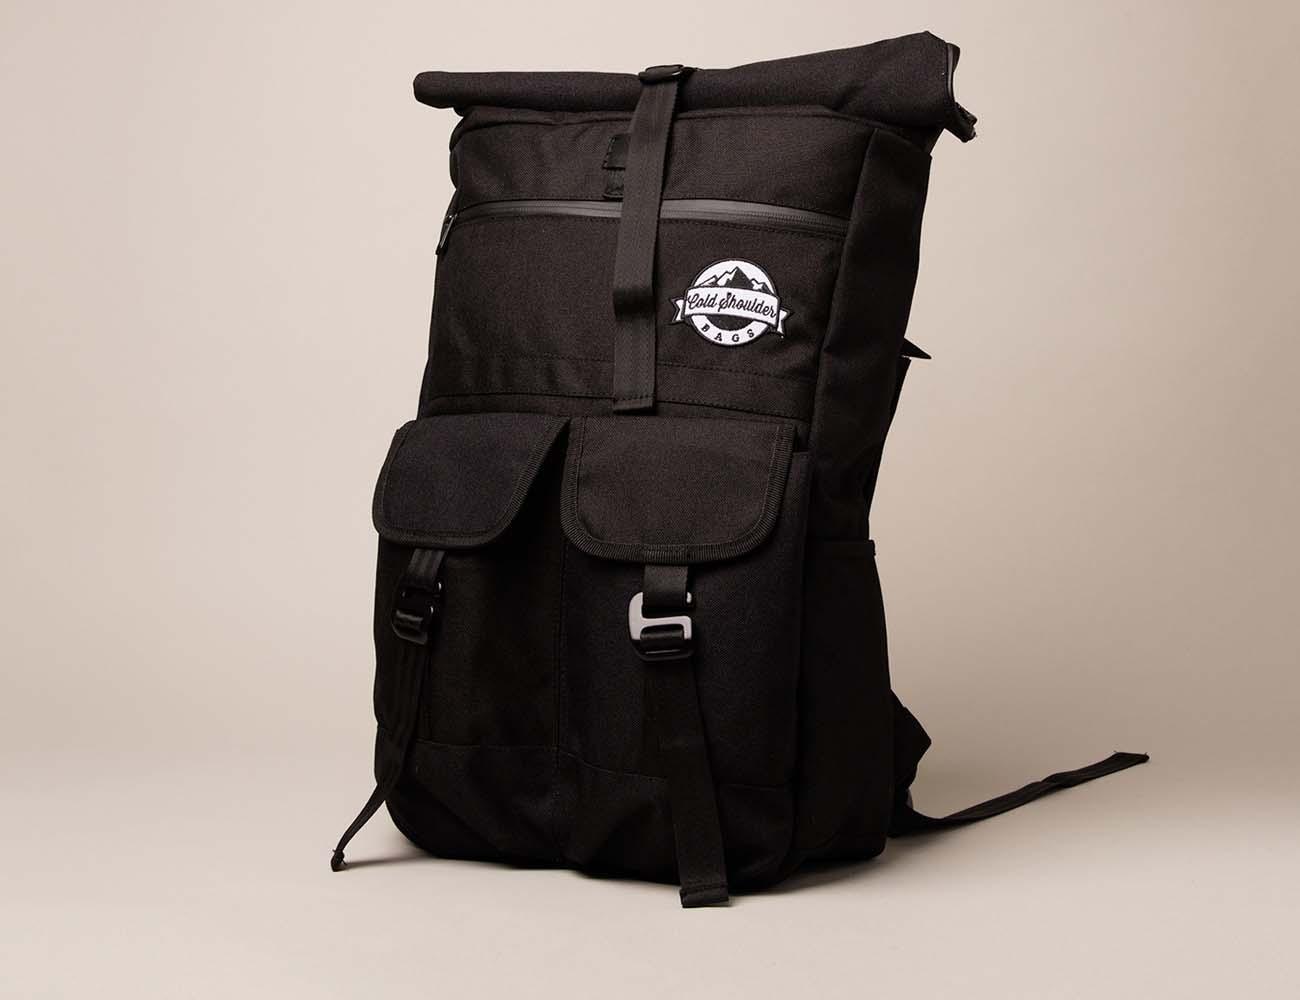 Cold Shoulder Bags